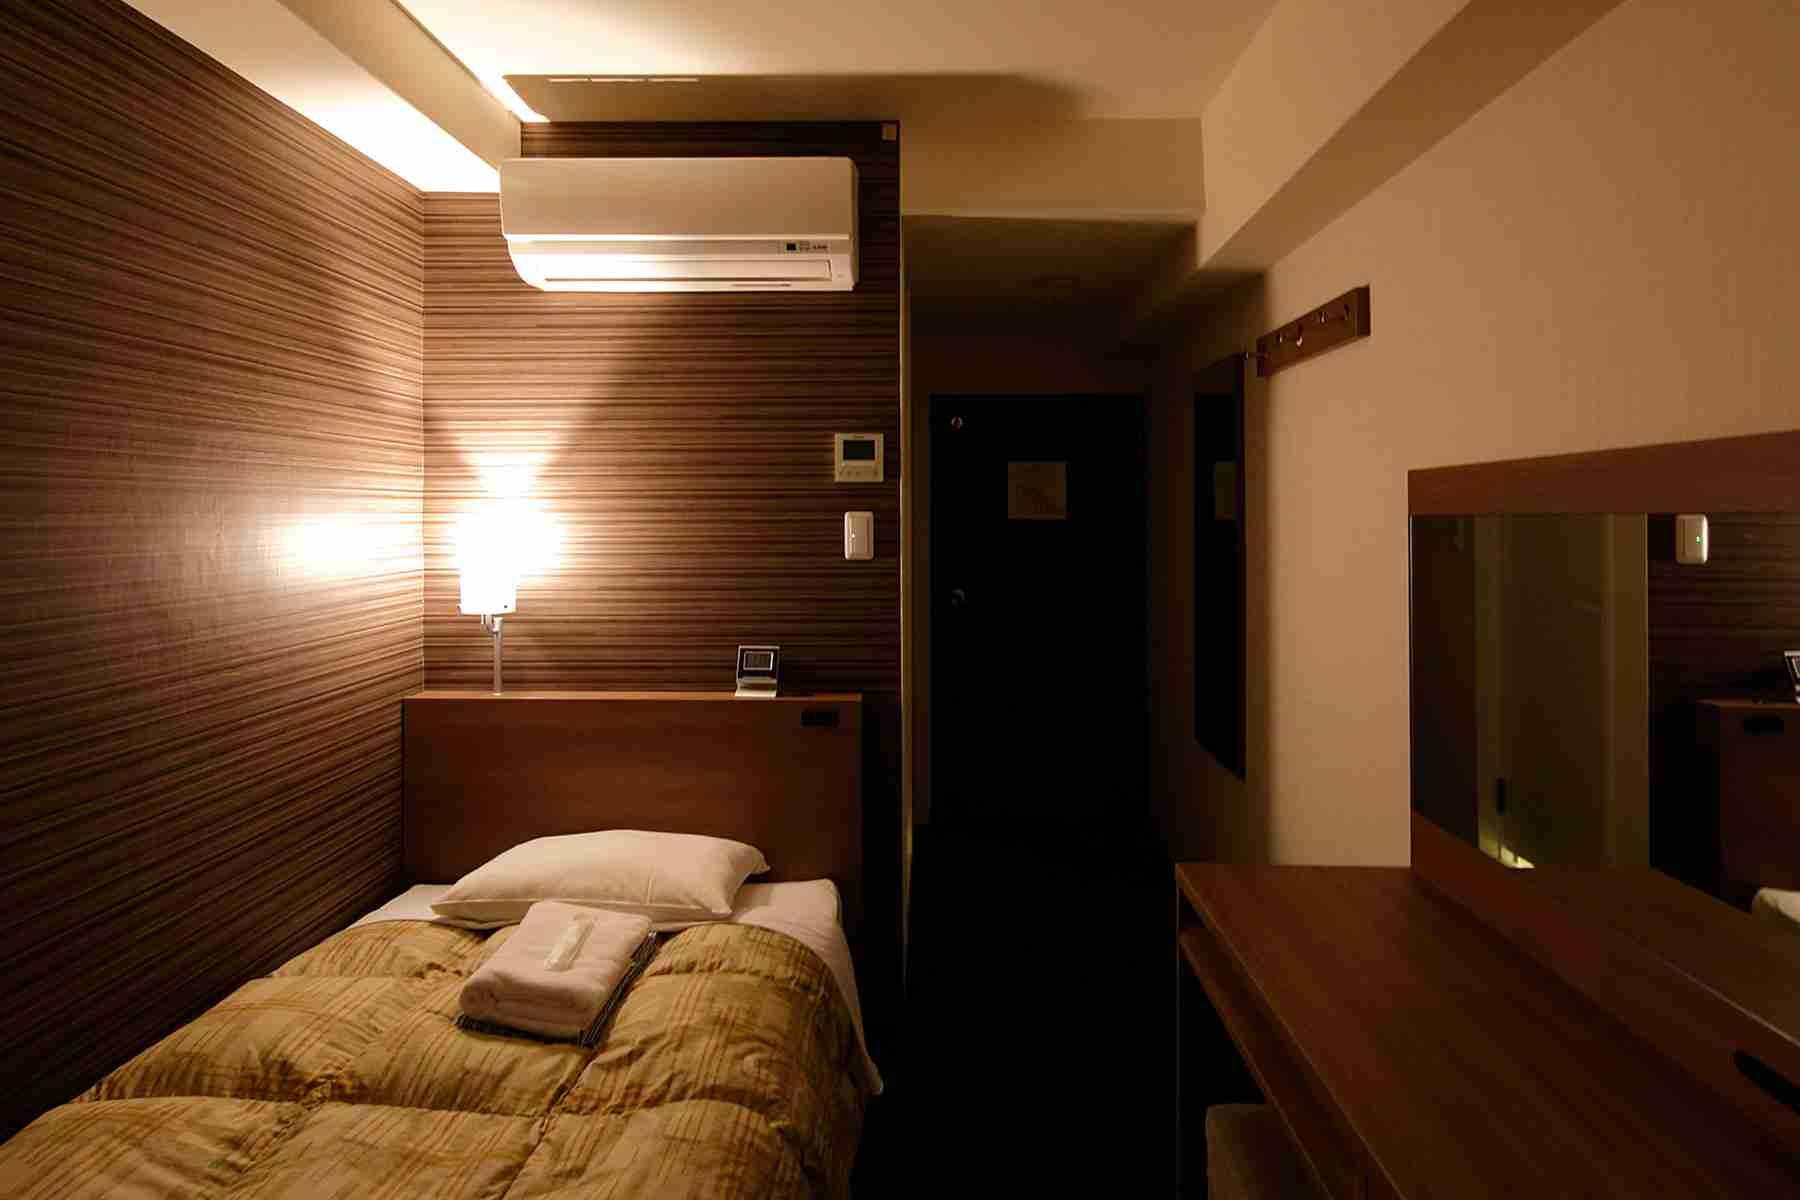 ホテルバリアンリゾート錦糸町店 | ホテルバリアンリゾート リゾート・シティー・ビジネス・ラブホテル等複合ホテル